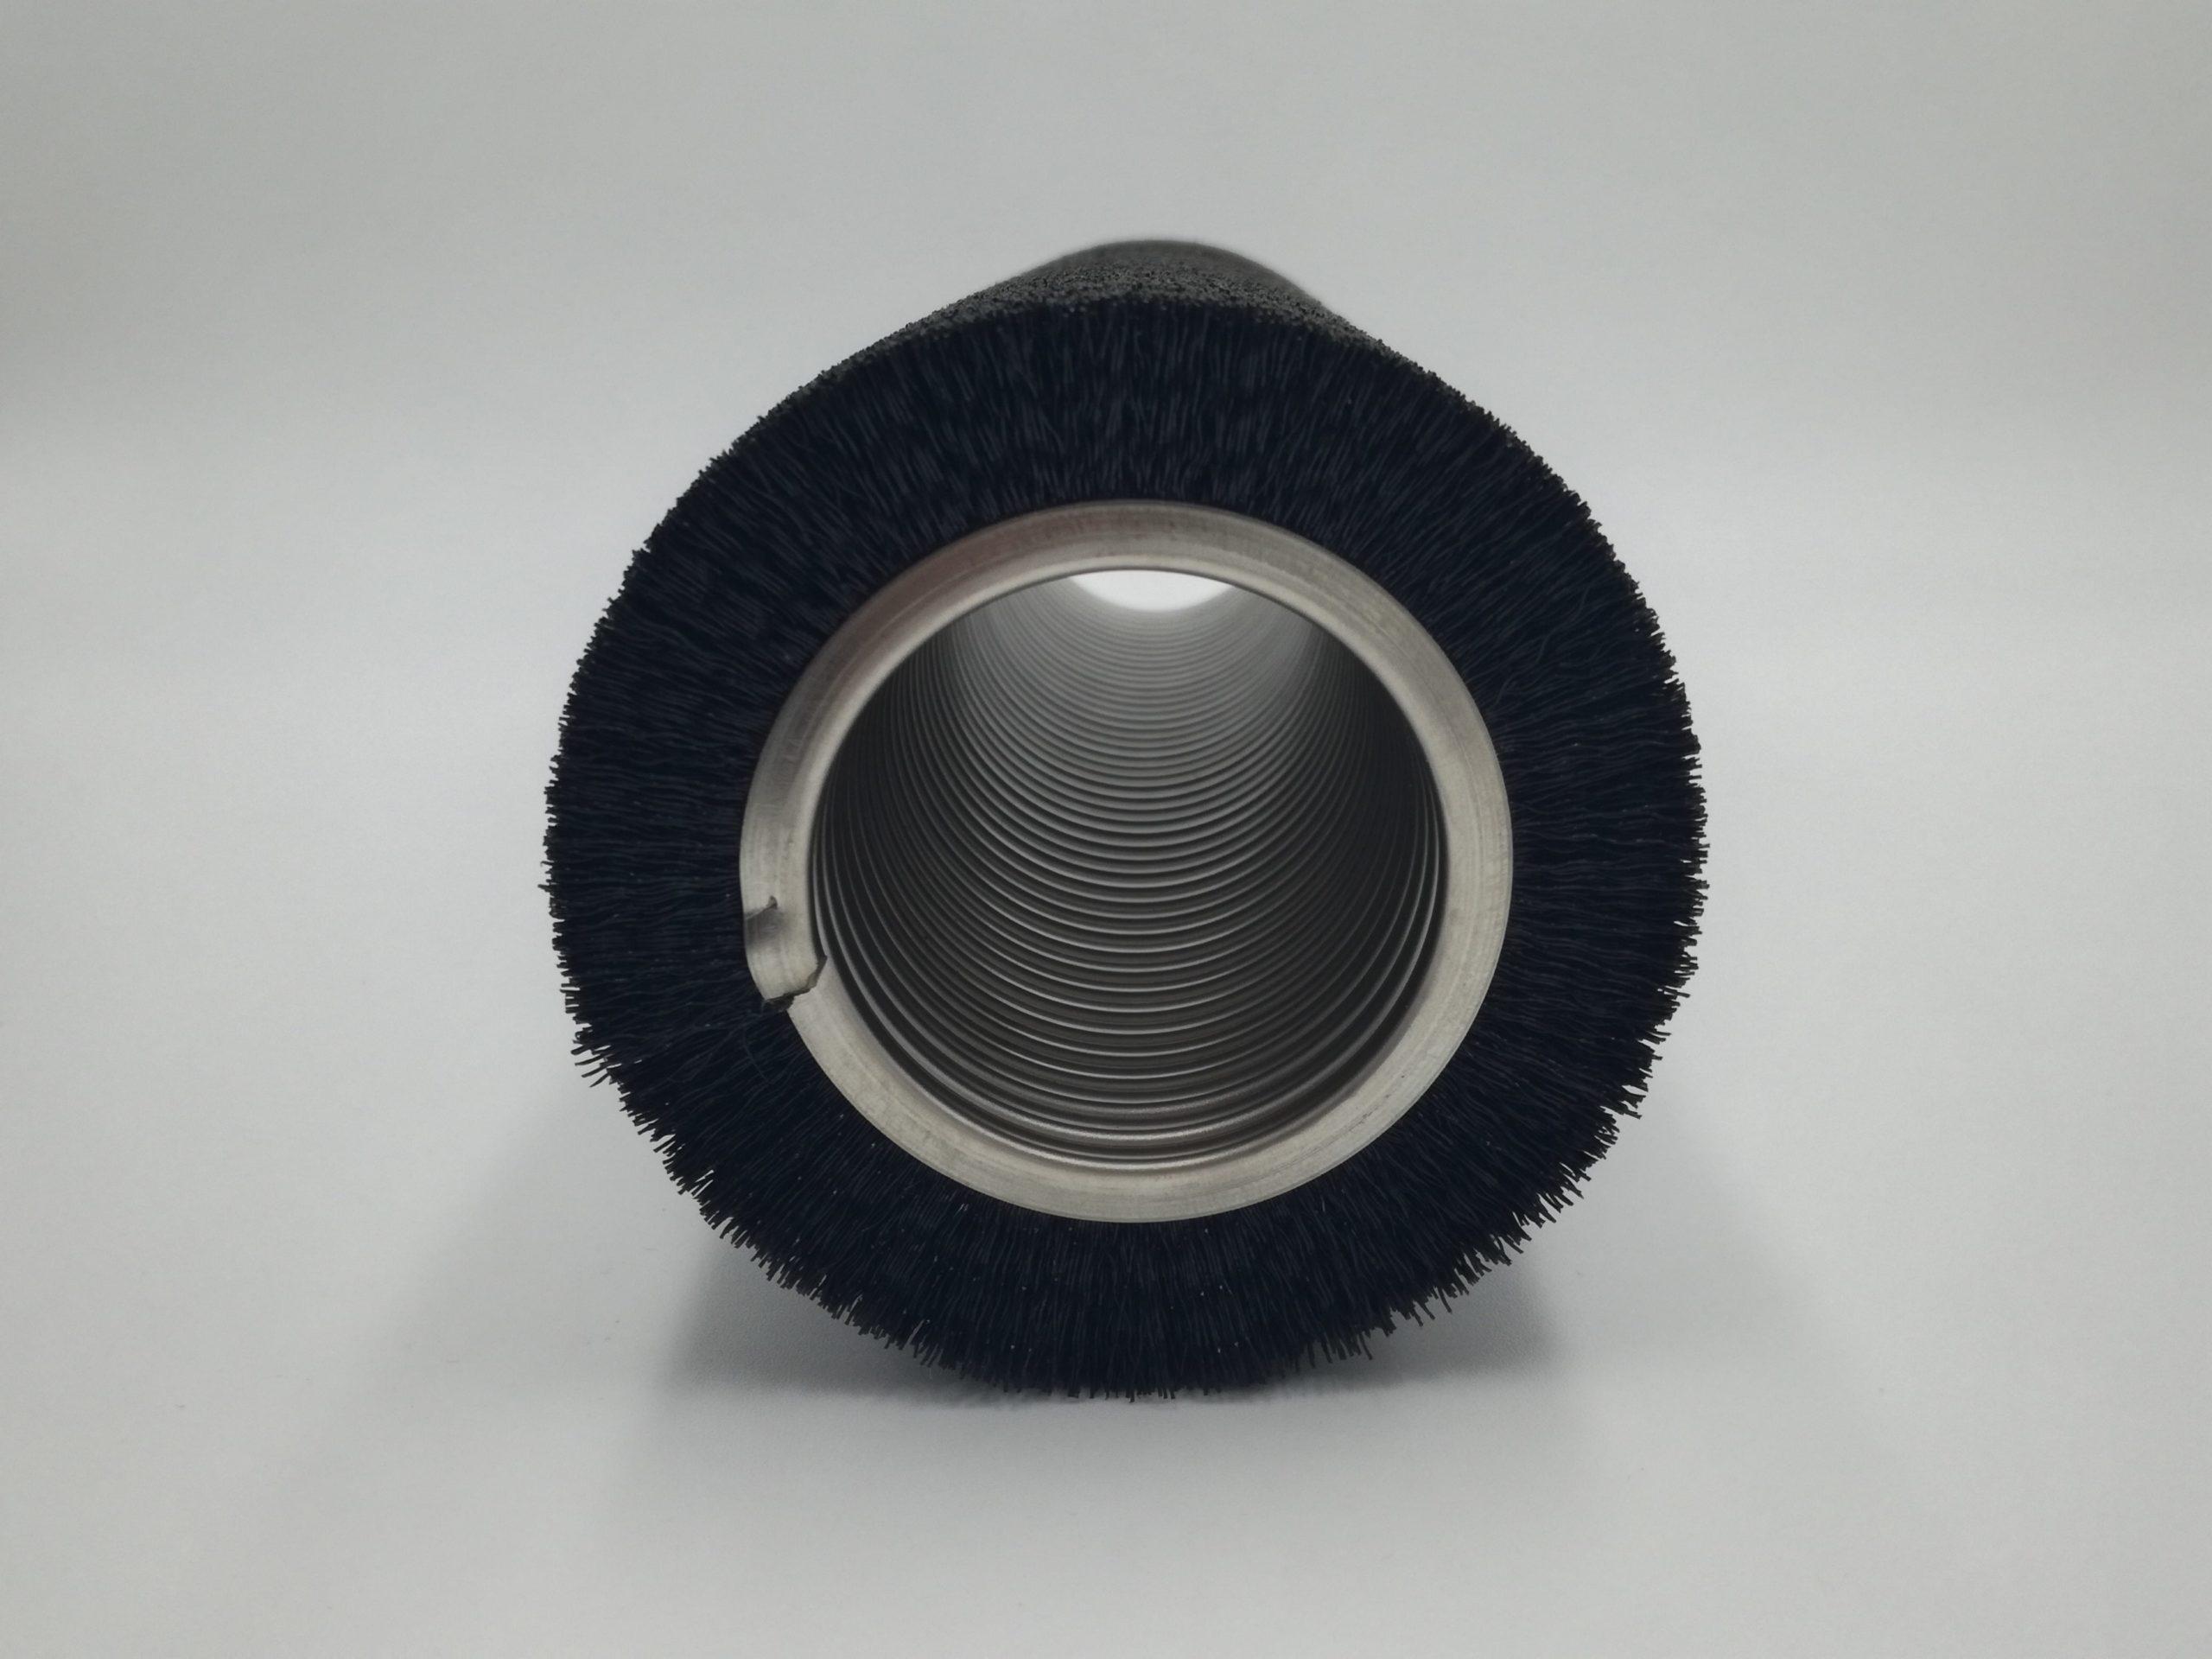 cepillo helicoidal metálico fibra sintética hacia el exterior